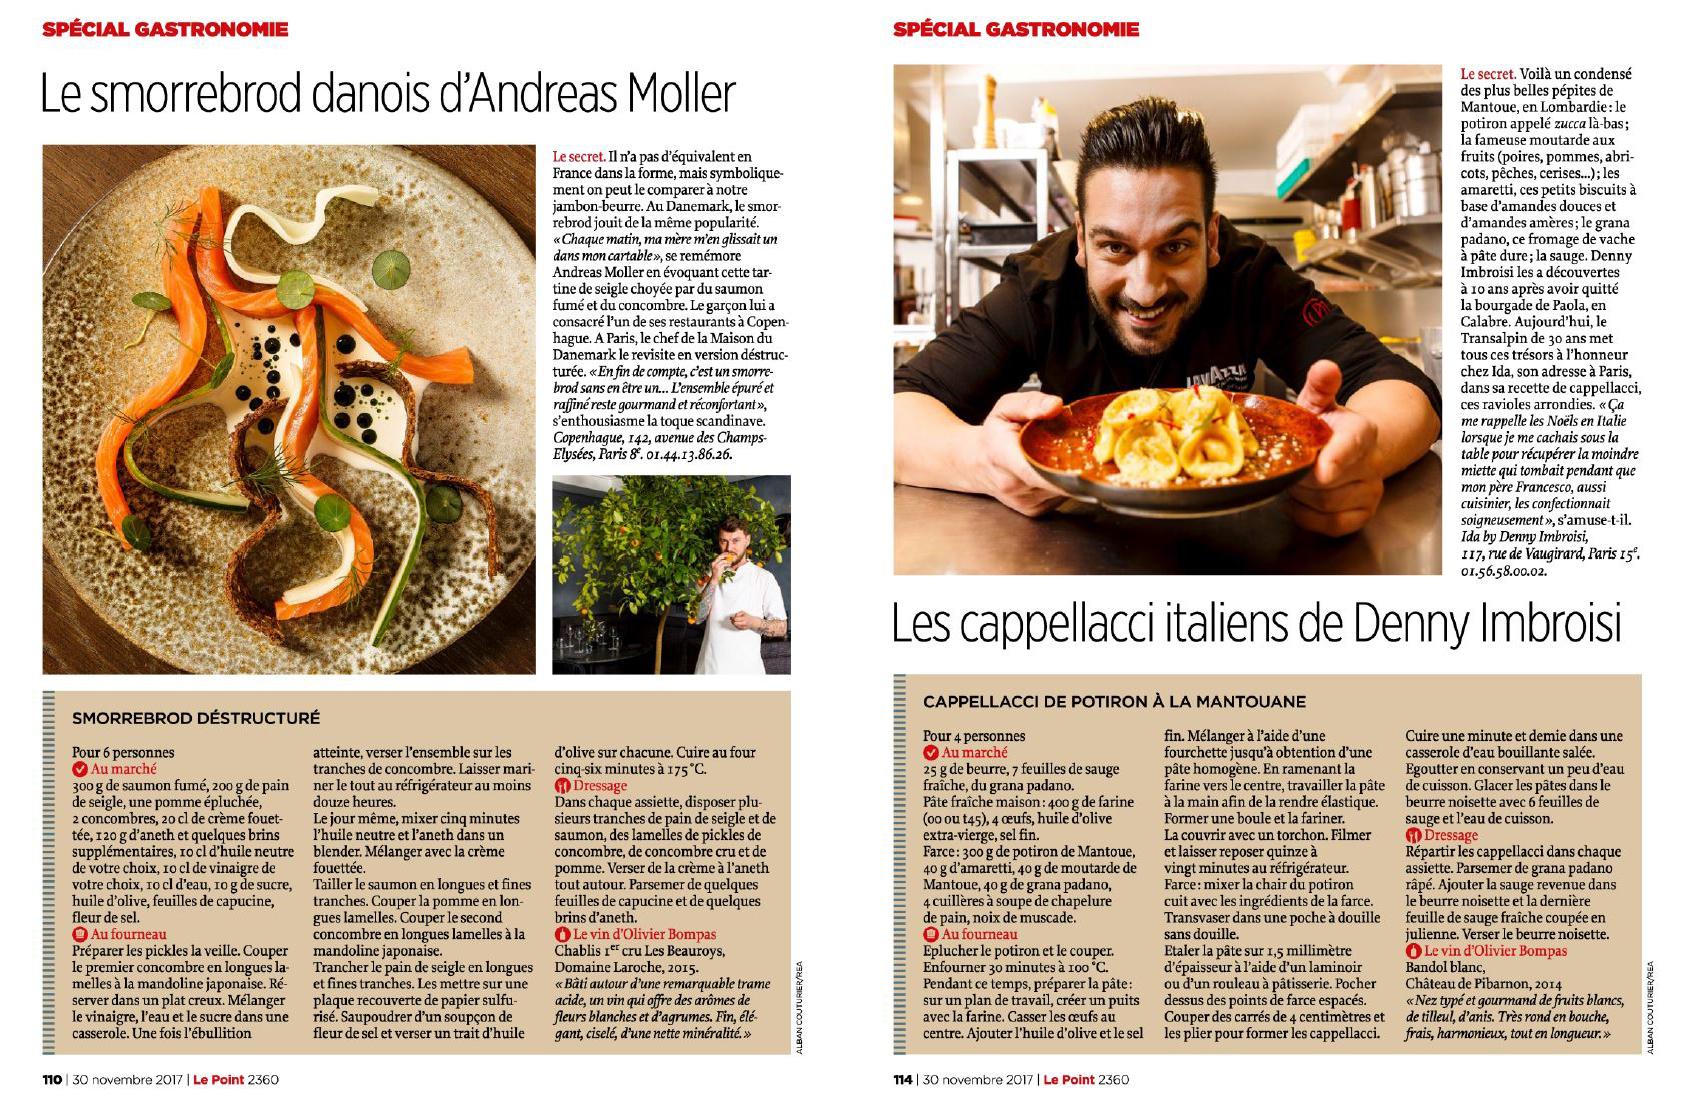 Special Gastronomie, Magazine Le Point, La maison du Danemark, Denny ImBroisi, ©Alban Couturier